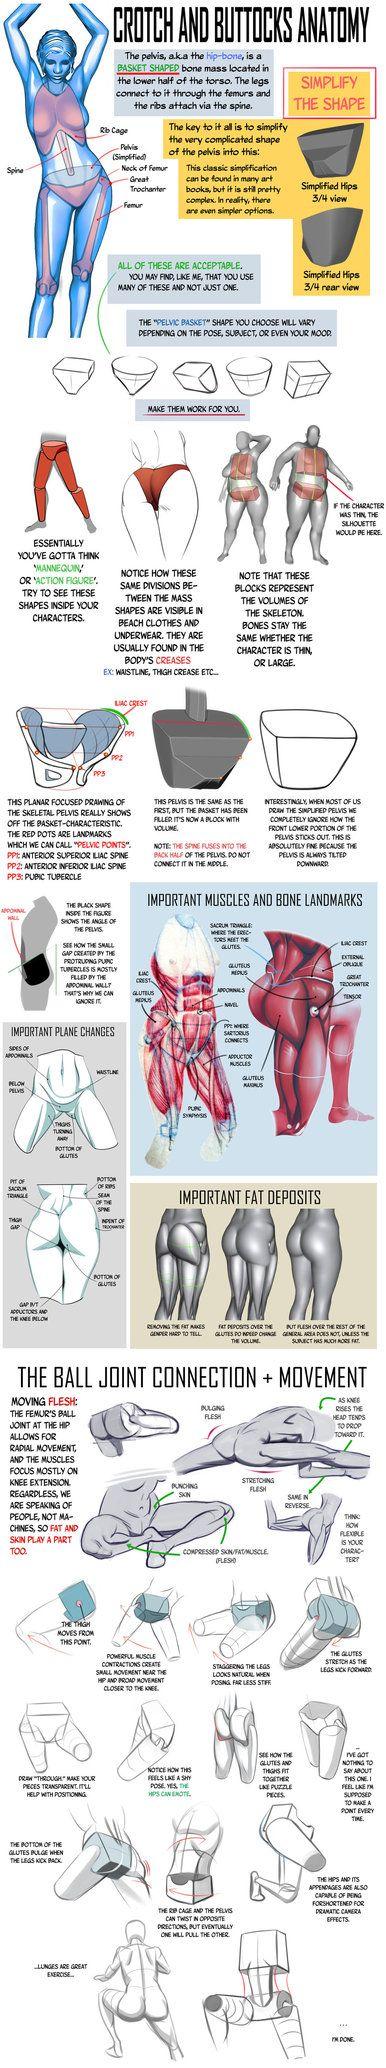 Großartig Anatomie Tutorial Zeichnung Fotos - Menschliche Anatomie ...